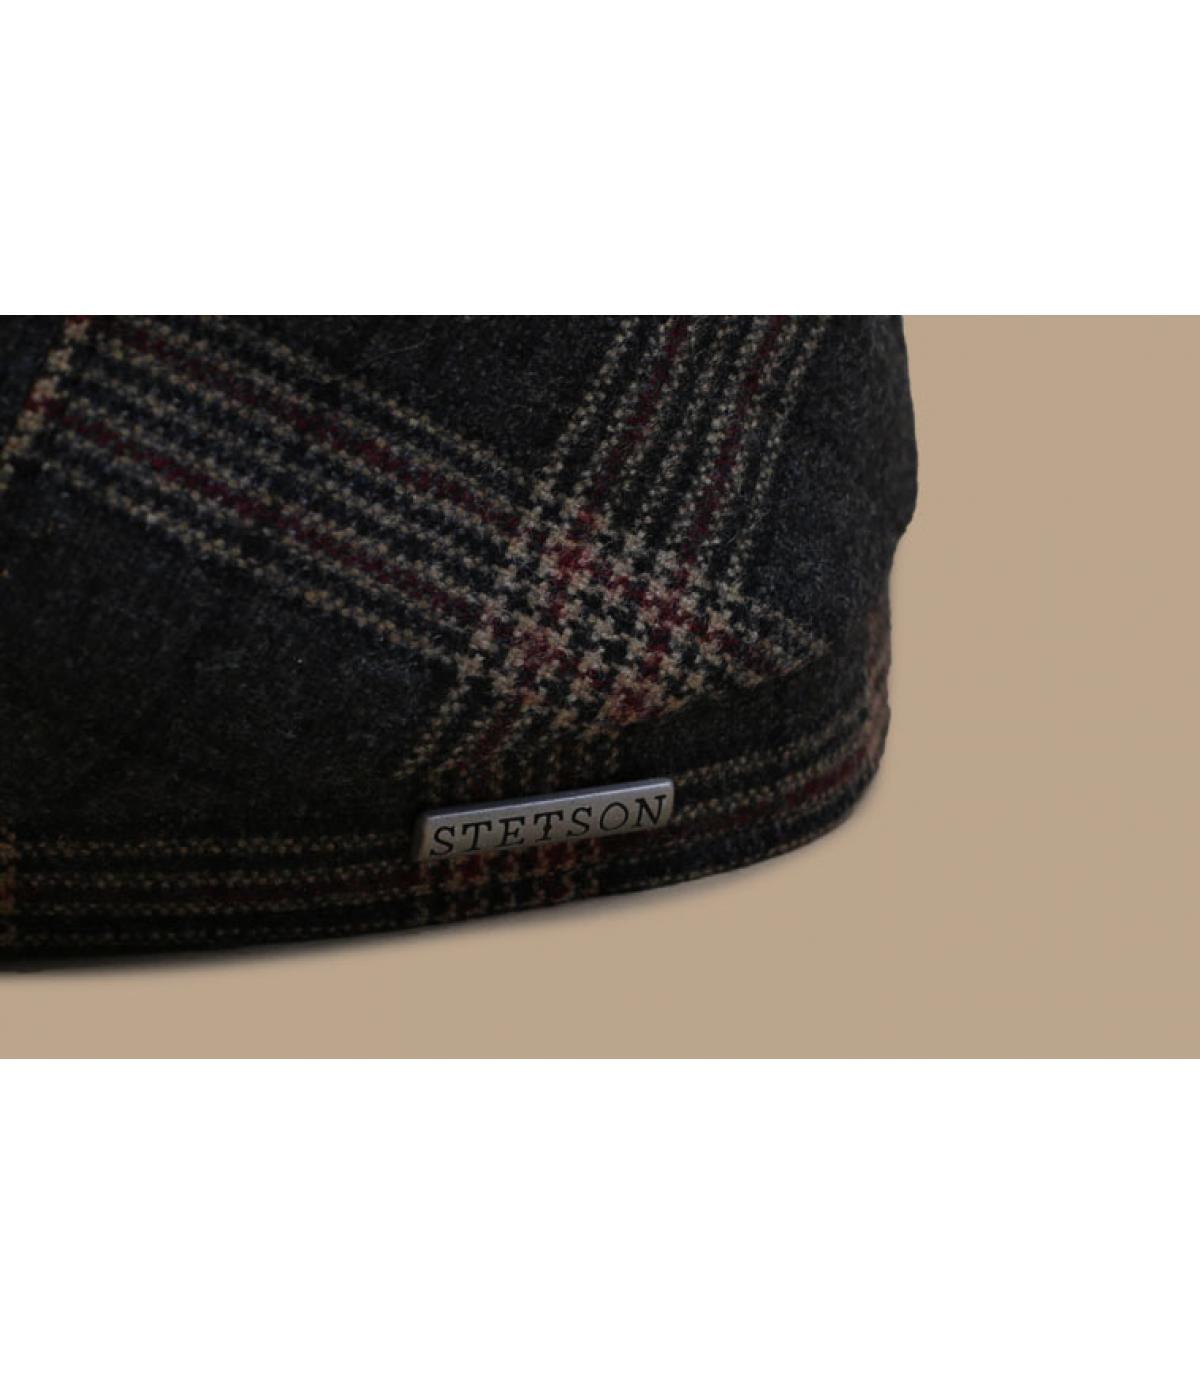 Details 6-Panel Cap Wool Check grey brown - afbeeling 3